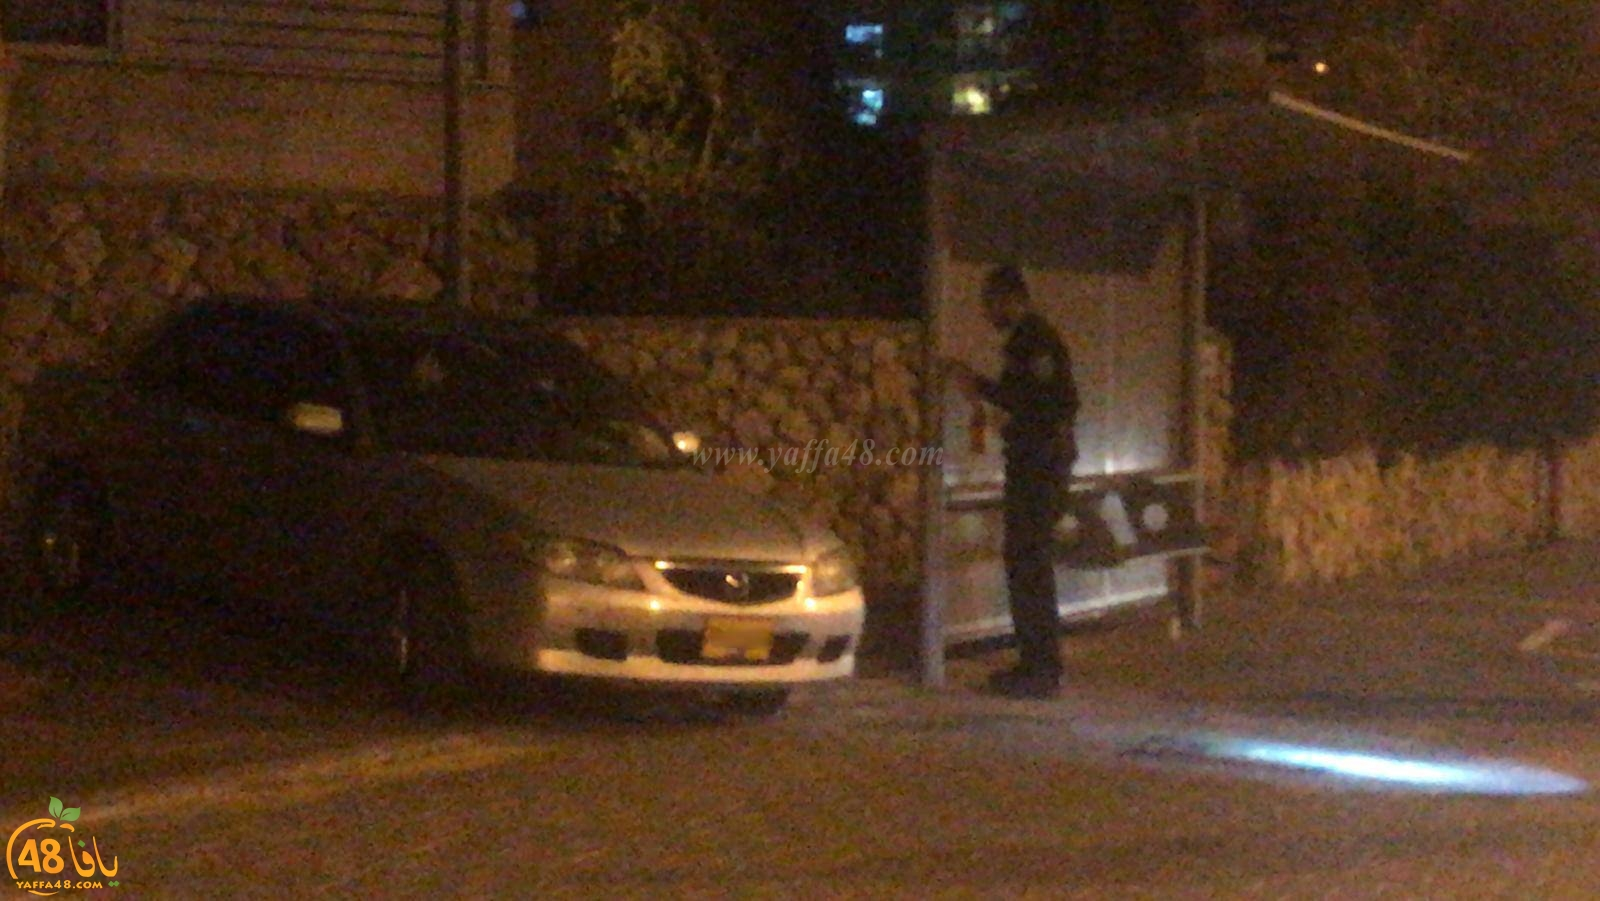 يافا: إطلاق نار تجاه مركبة دون وقوع اصابات